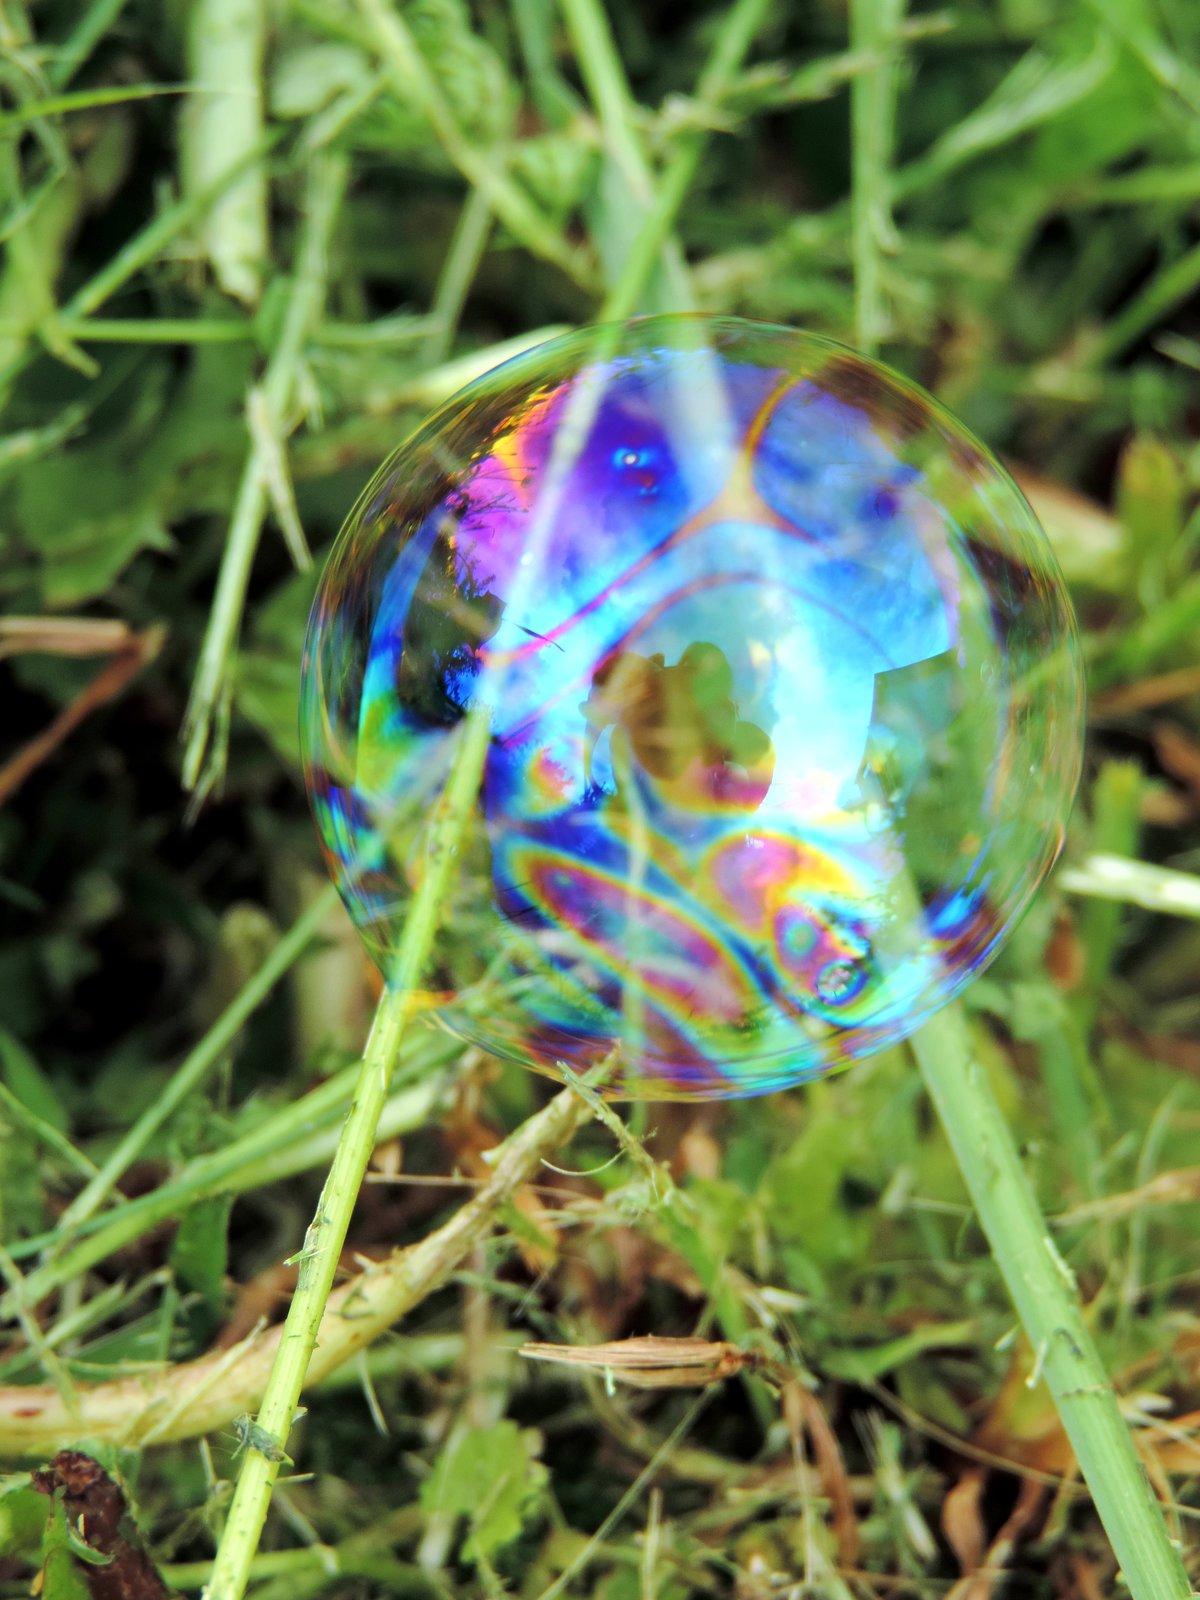 картинки как лопается мыльный пузырь выглядит